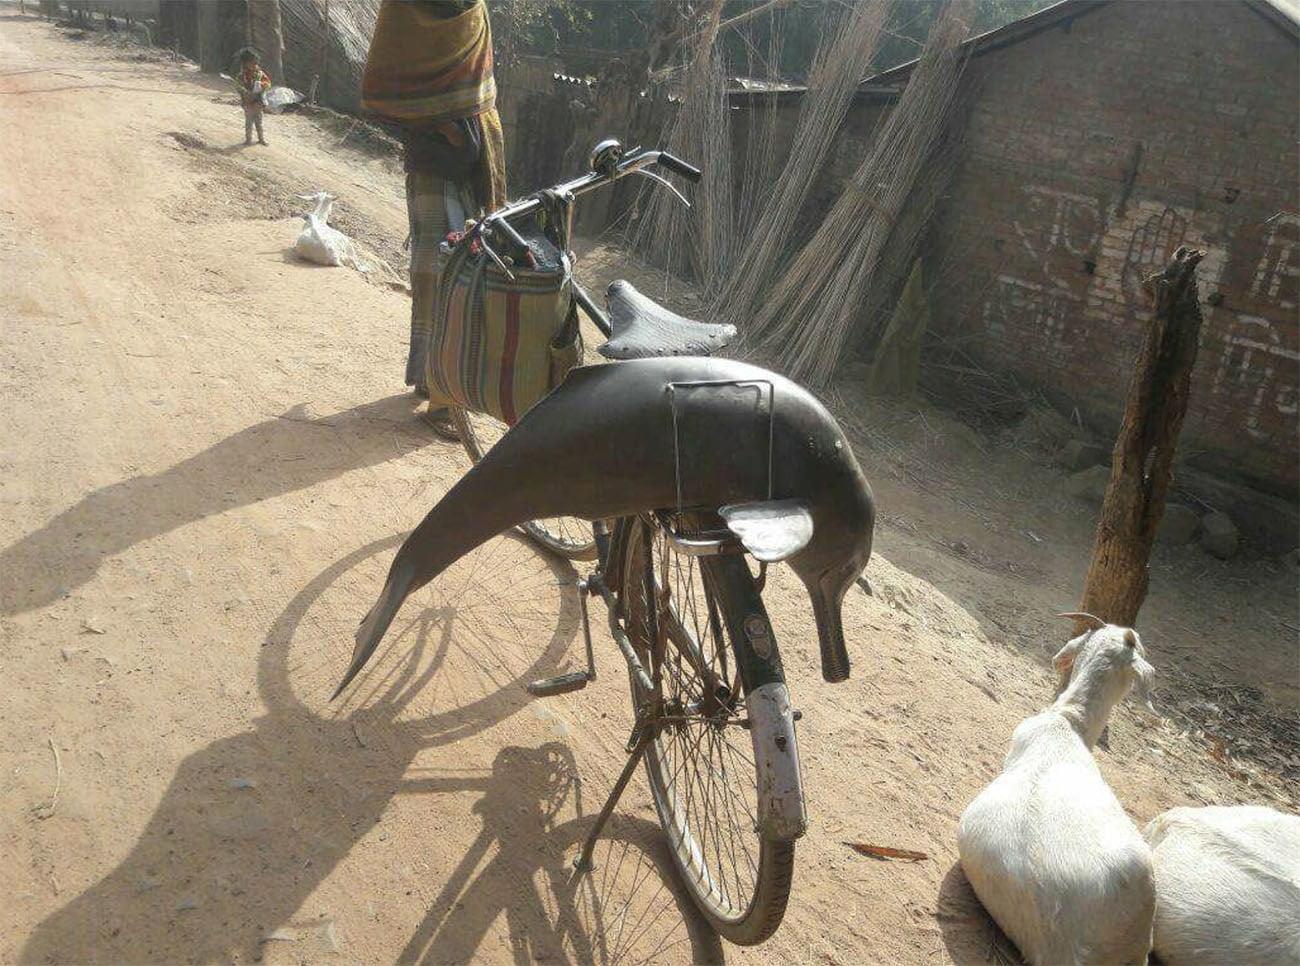 Imagem de golfino morto em garupa de bicicleta